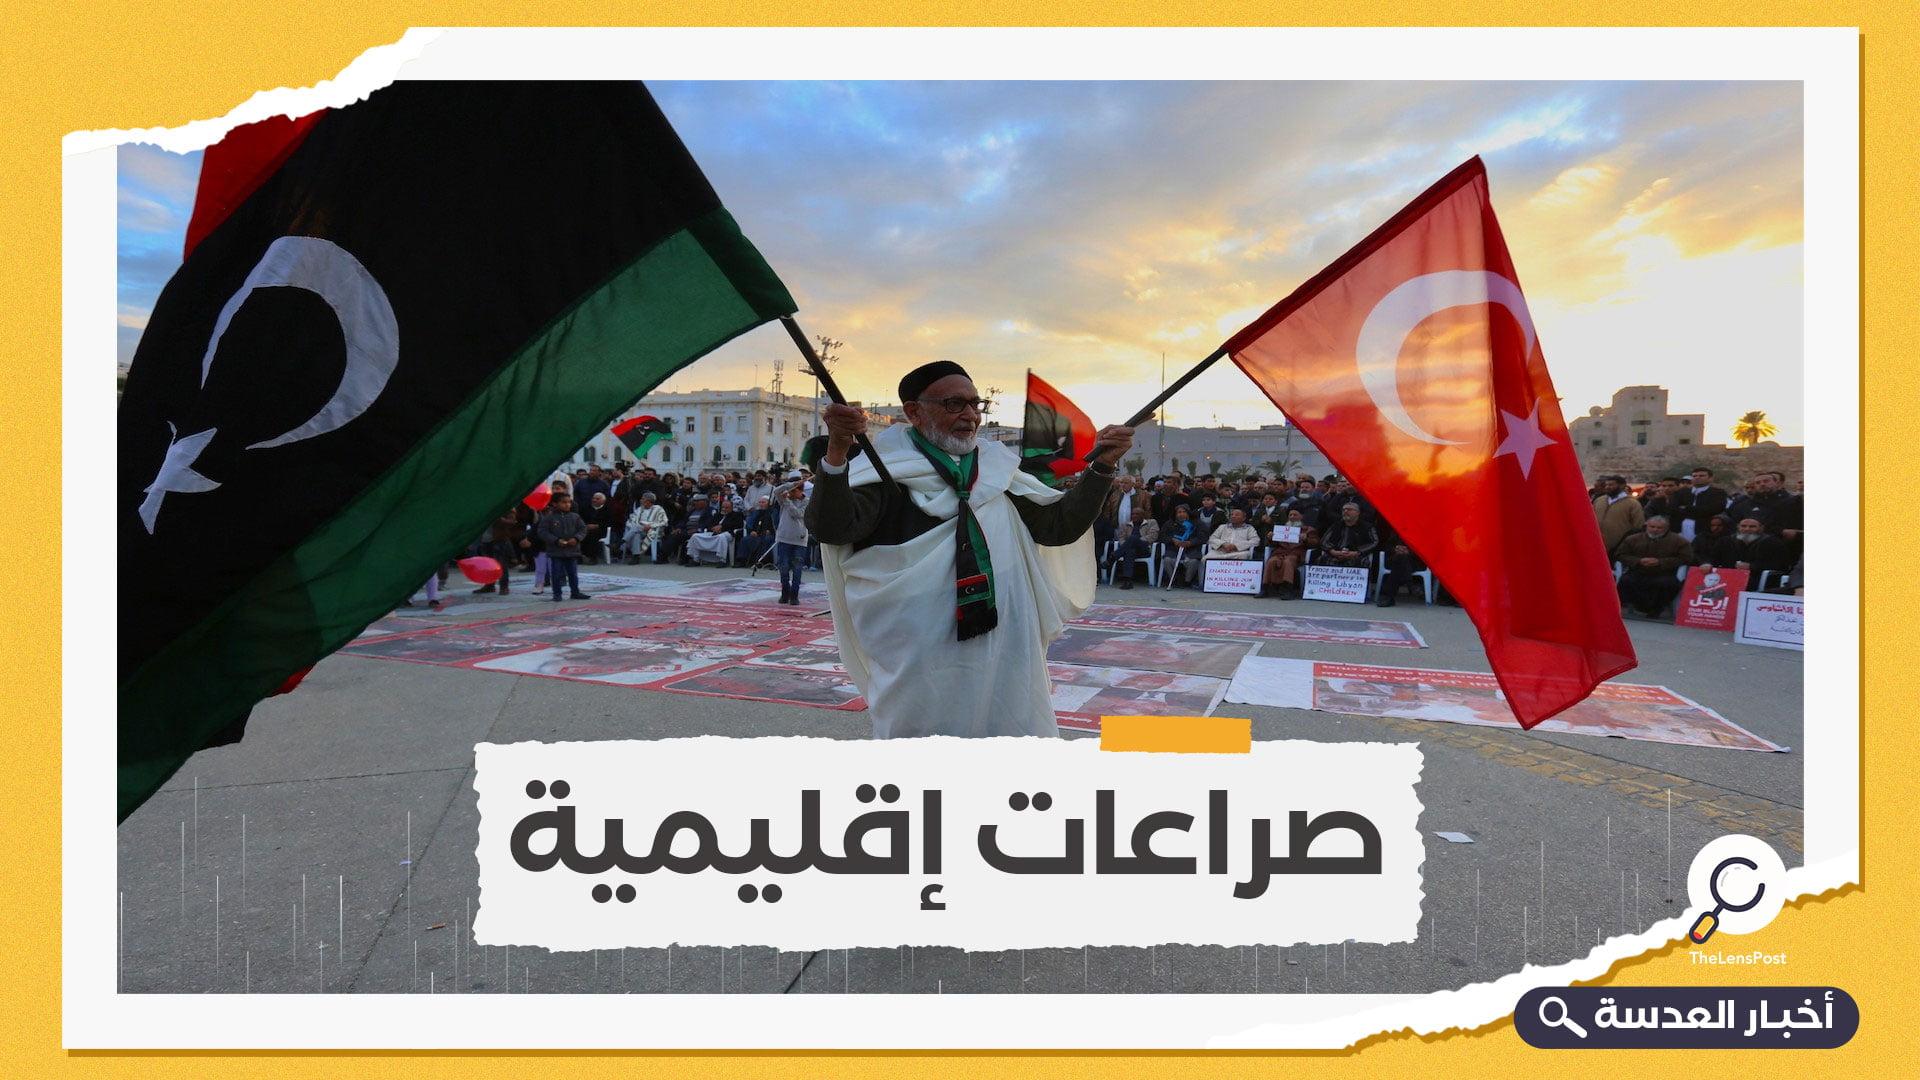 ليبيا.. مصر وقبرص واليونان تدعو الحكومة الجديدة لنقض الاتفاق الموقع مع تركيا